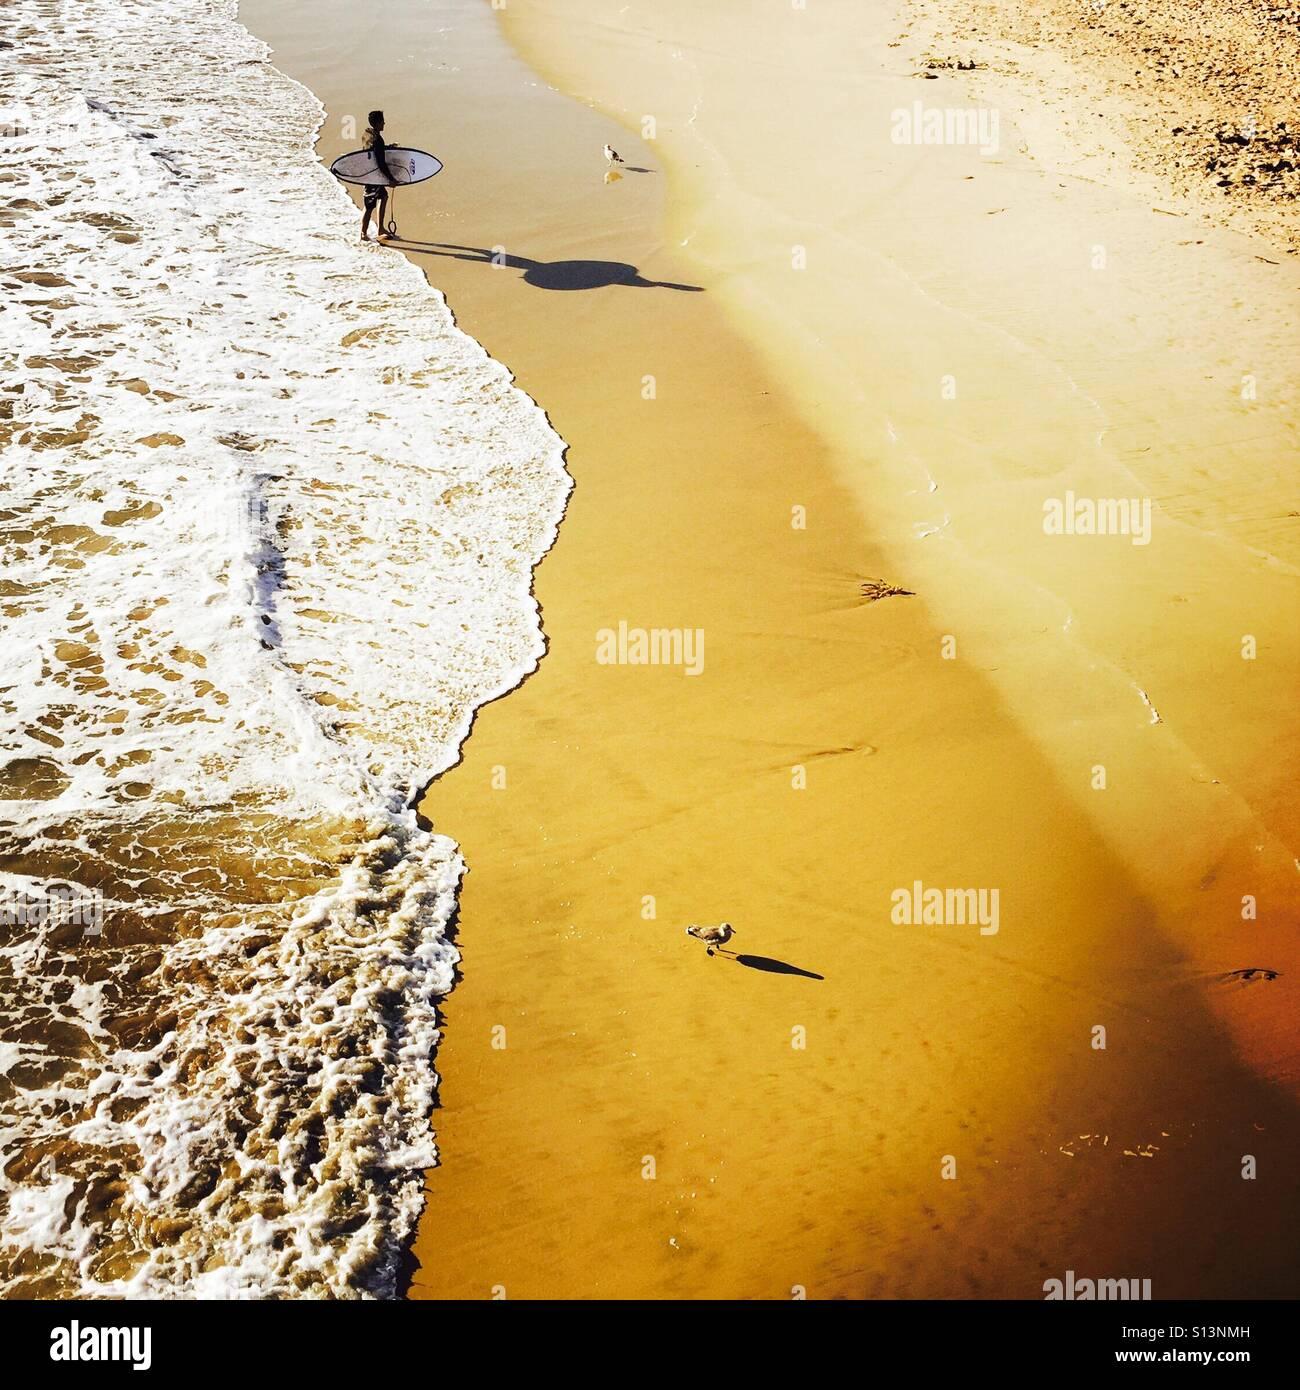 Un homme marche Surfer sur la plage après le surf. Manhattan Beach, Californie, États-Unis. Photo Stock